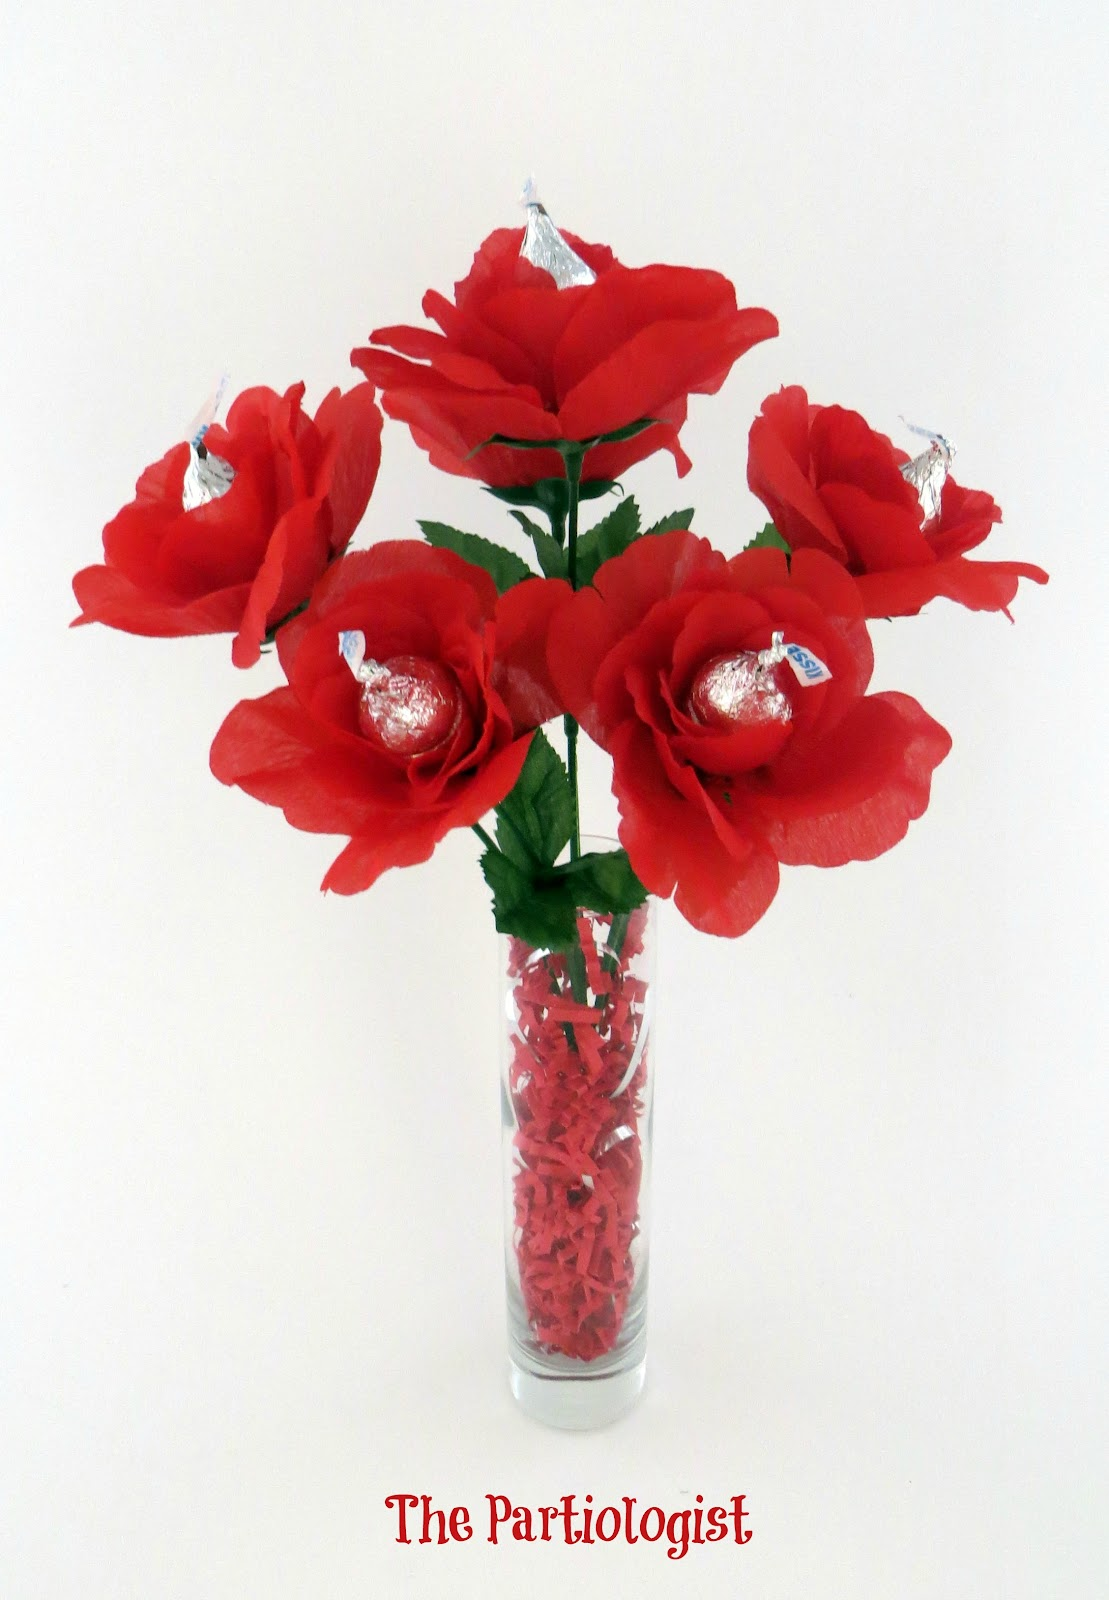 The Partiologist Bouquet Of Kisses